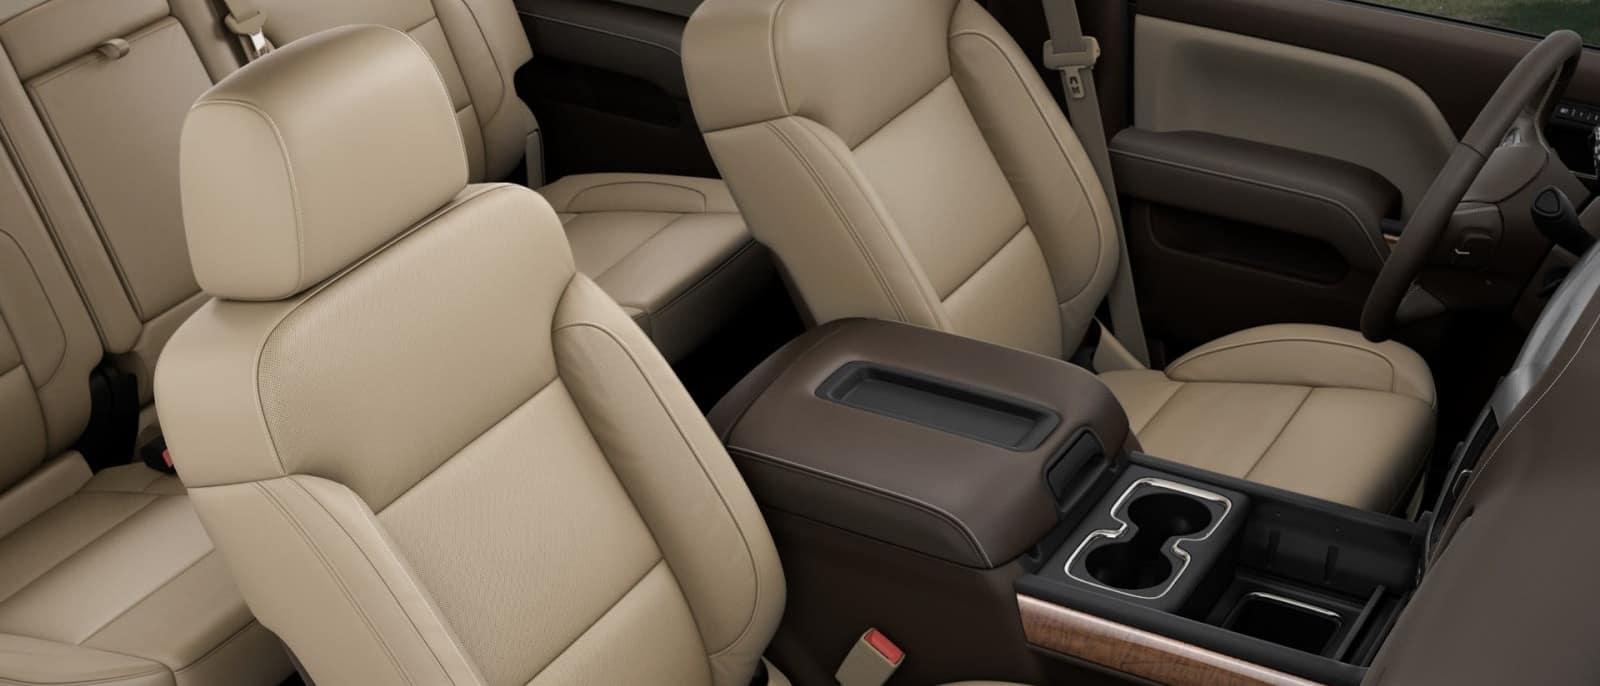 2014 Chevy Silverado S Elgin Schaumburg Biggers Chevrolet